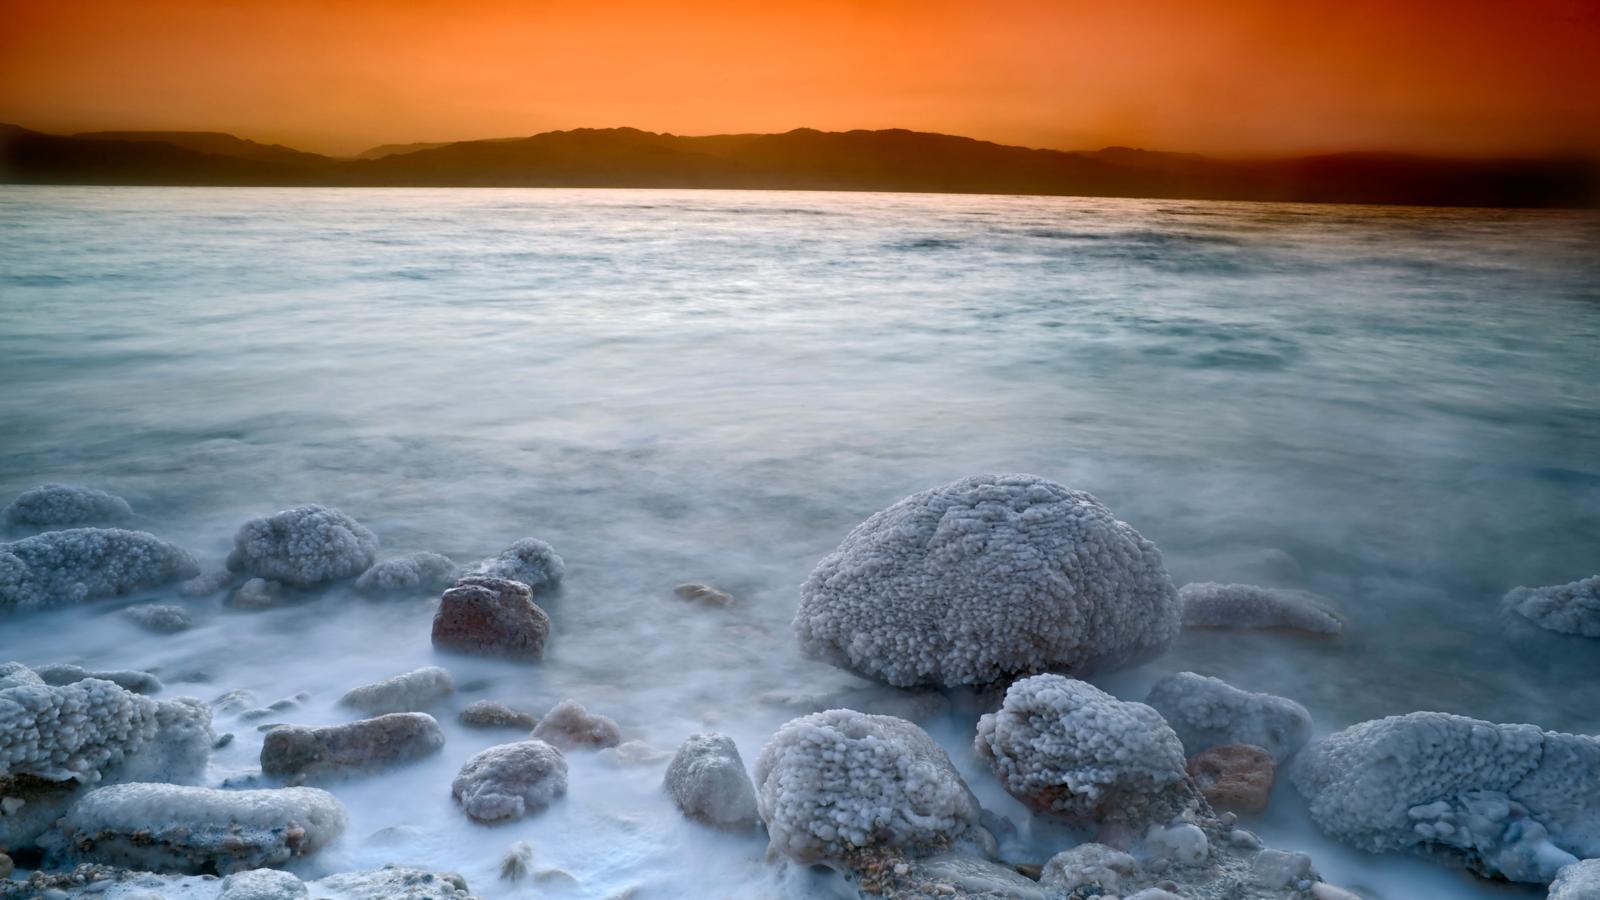 طلوع خورشید در دریای مرده(Dead Sea)